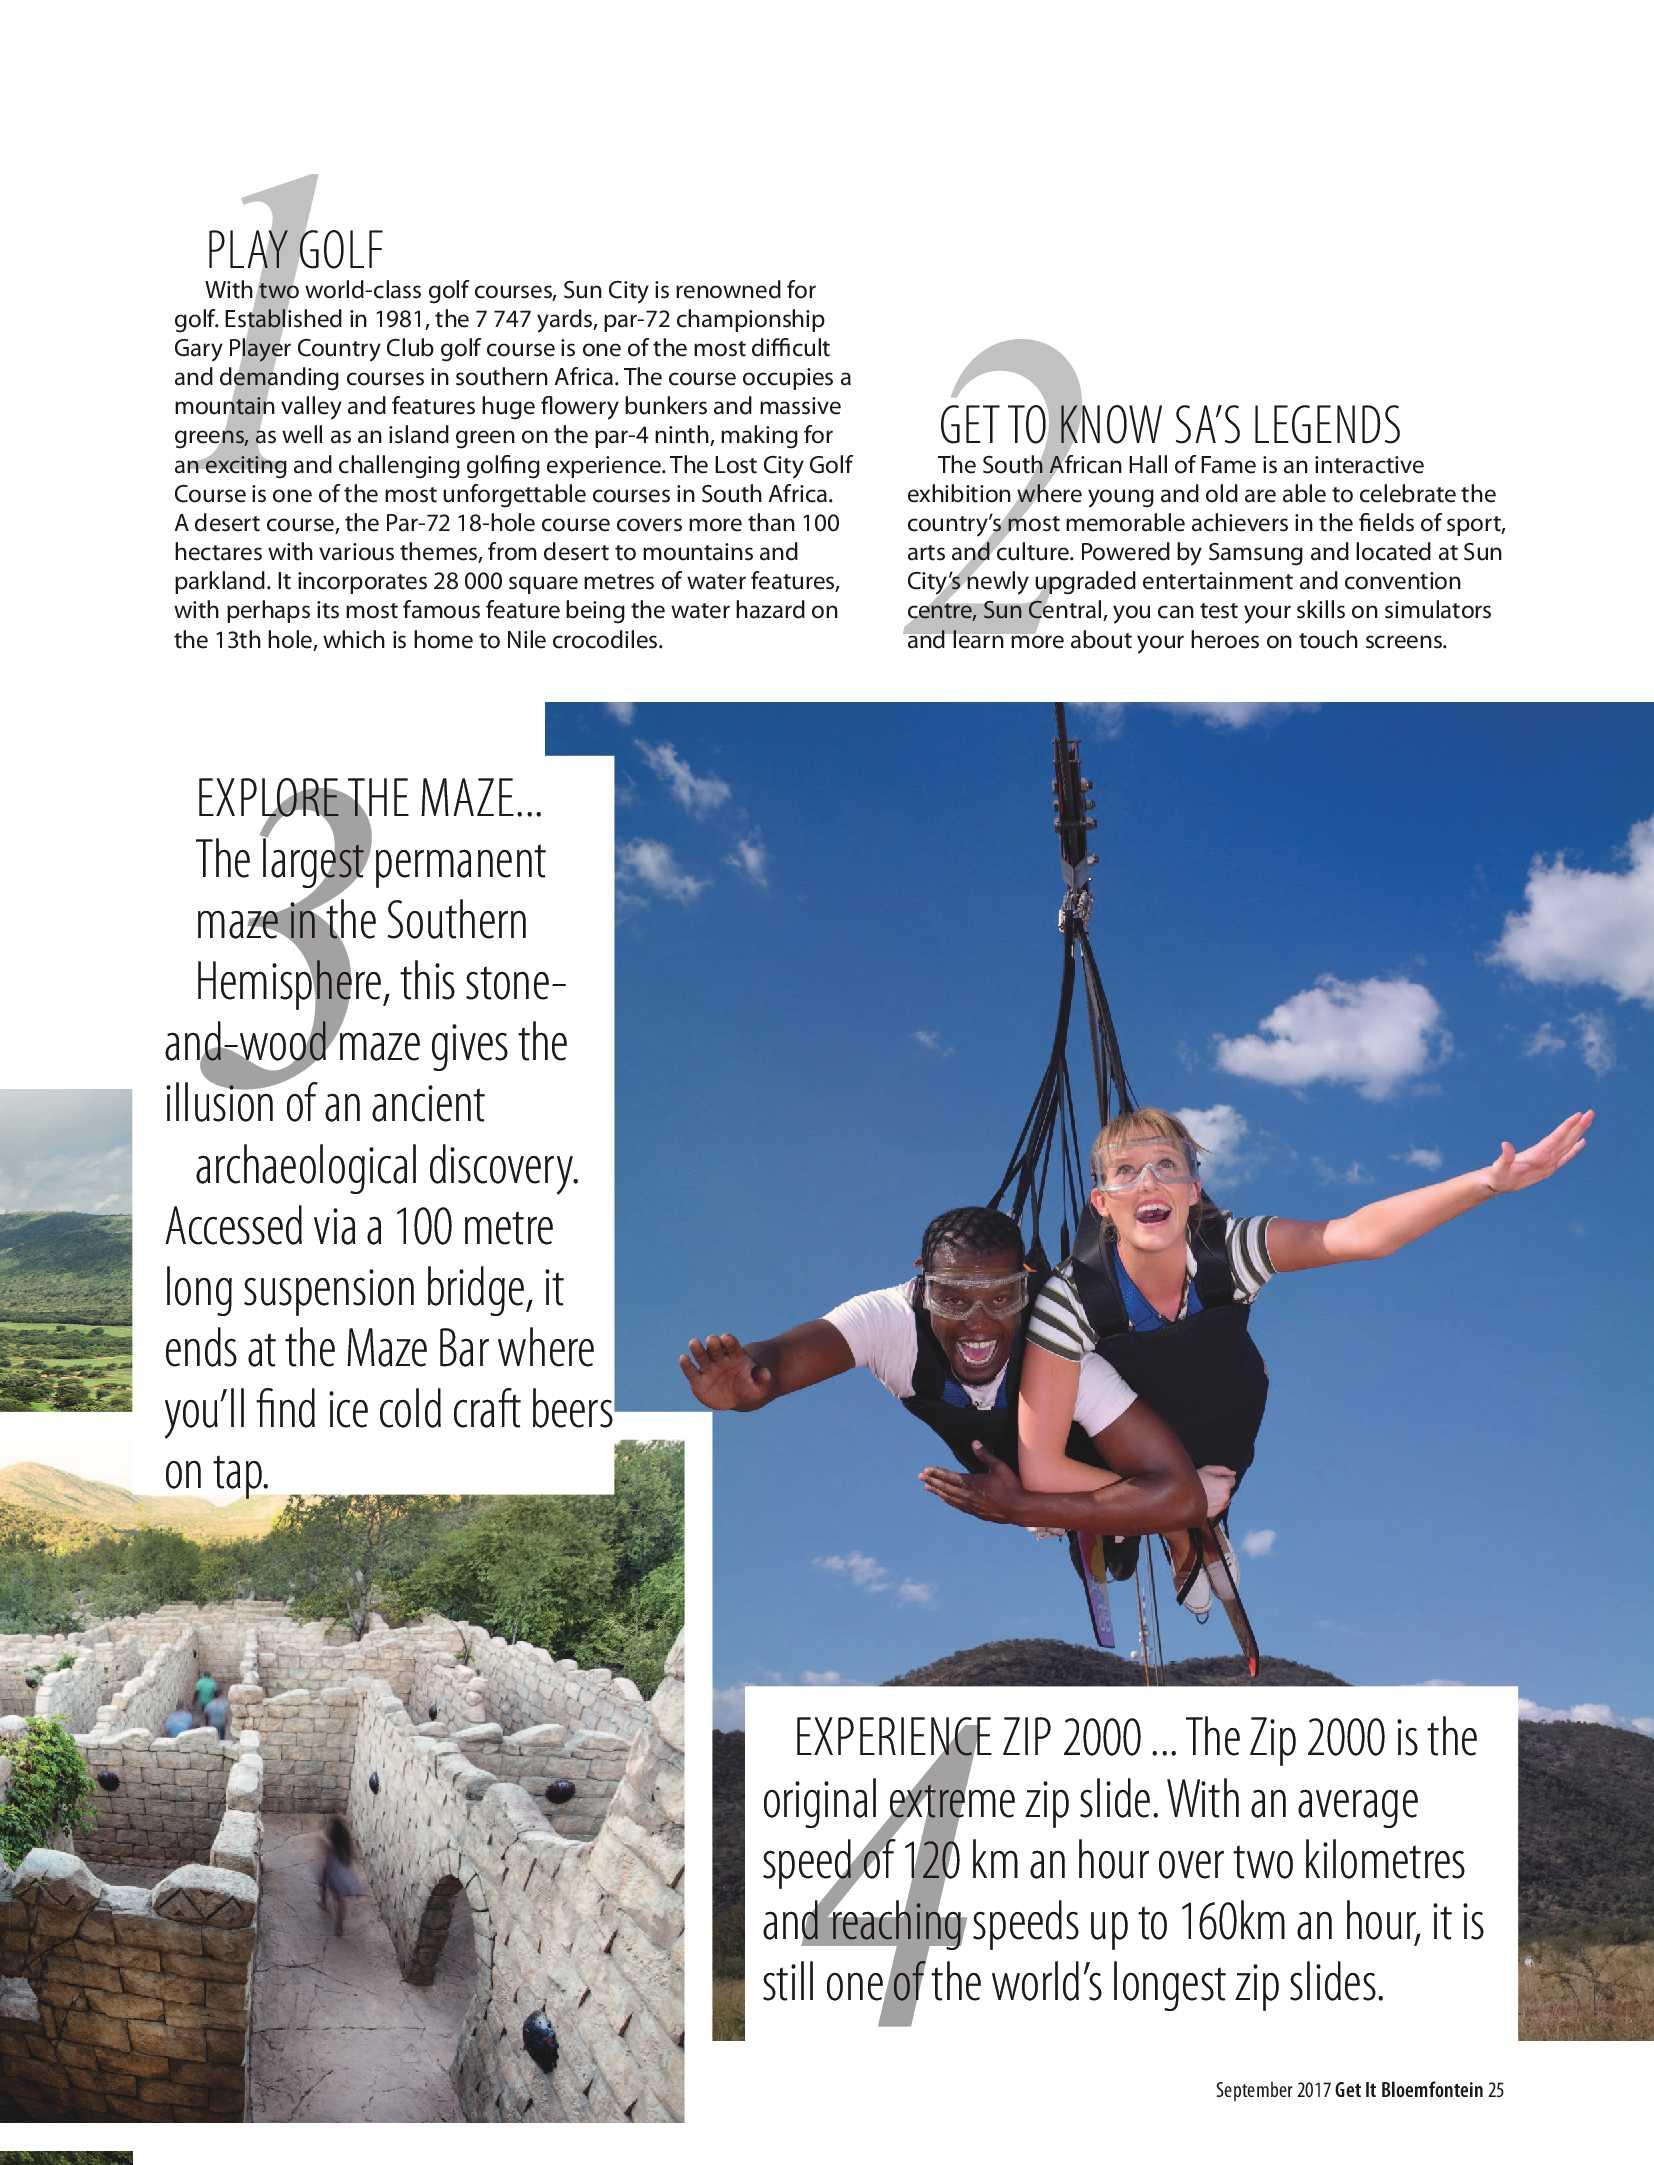 get-bloemfontein-september-2017-epapers-page-27